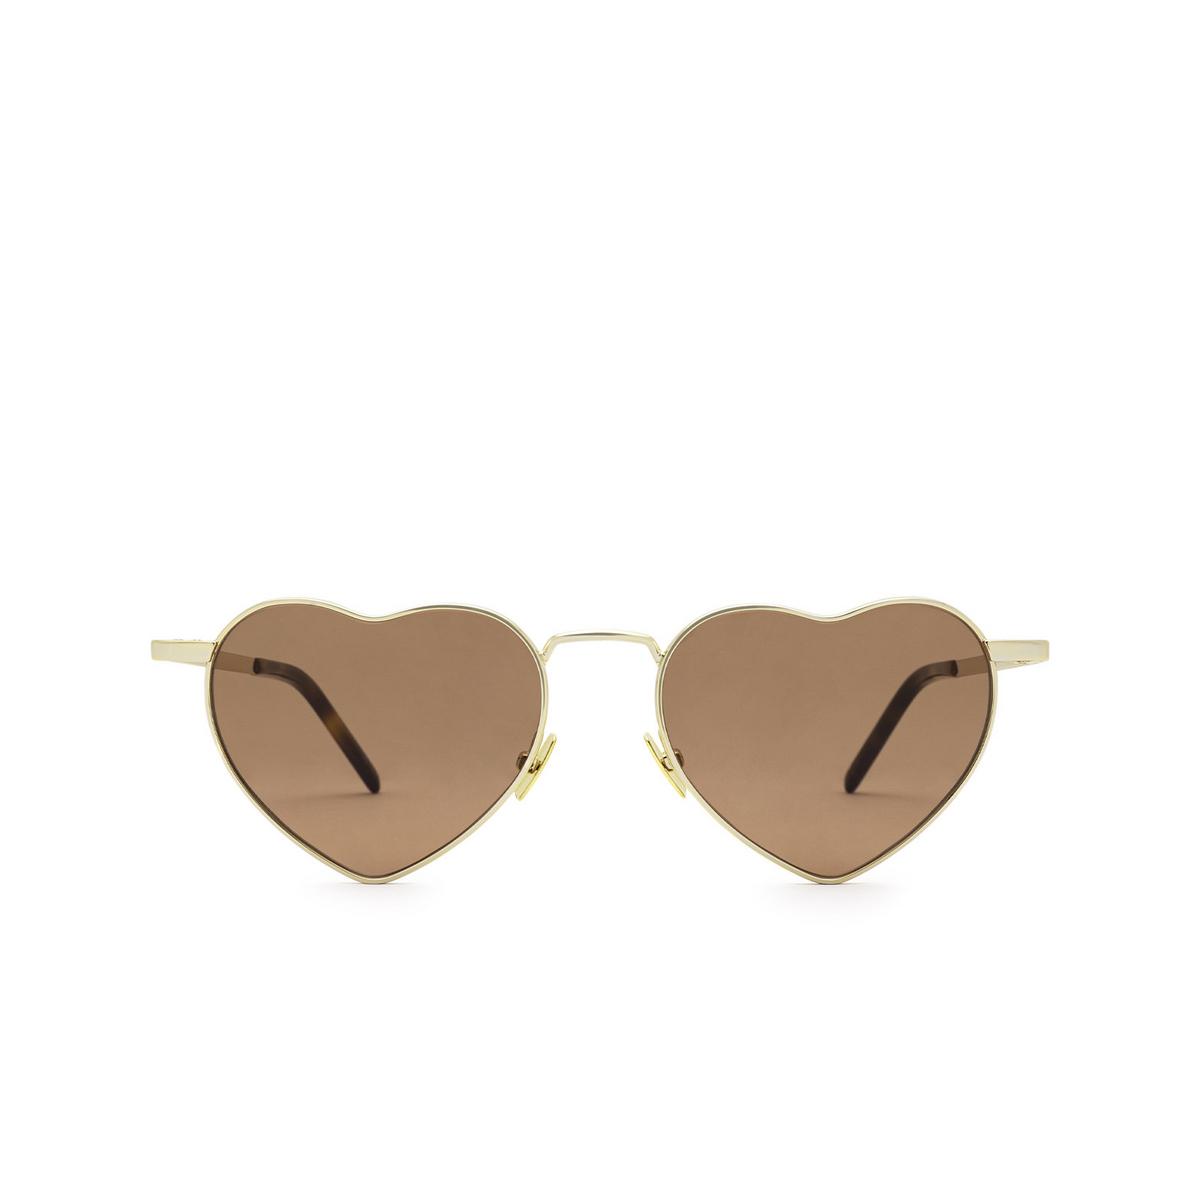 Saint Laurent® Irregular Sunglasses: Loulou SL 301 color Gold 012 - front view.